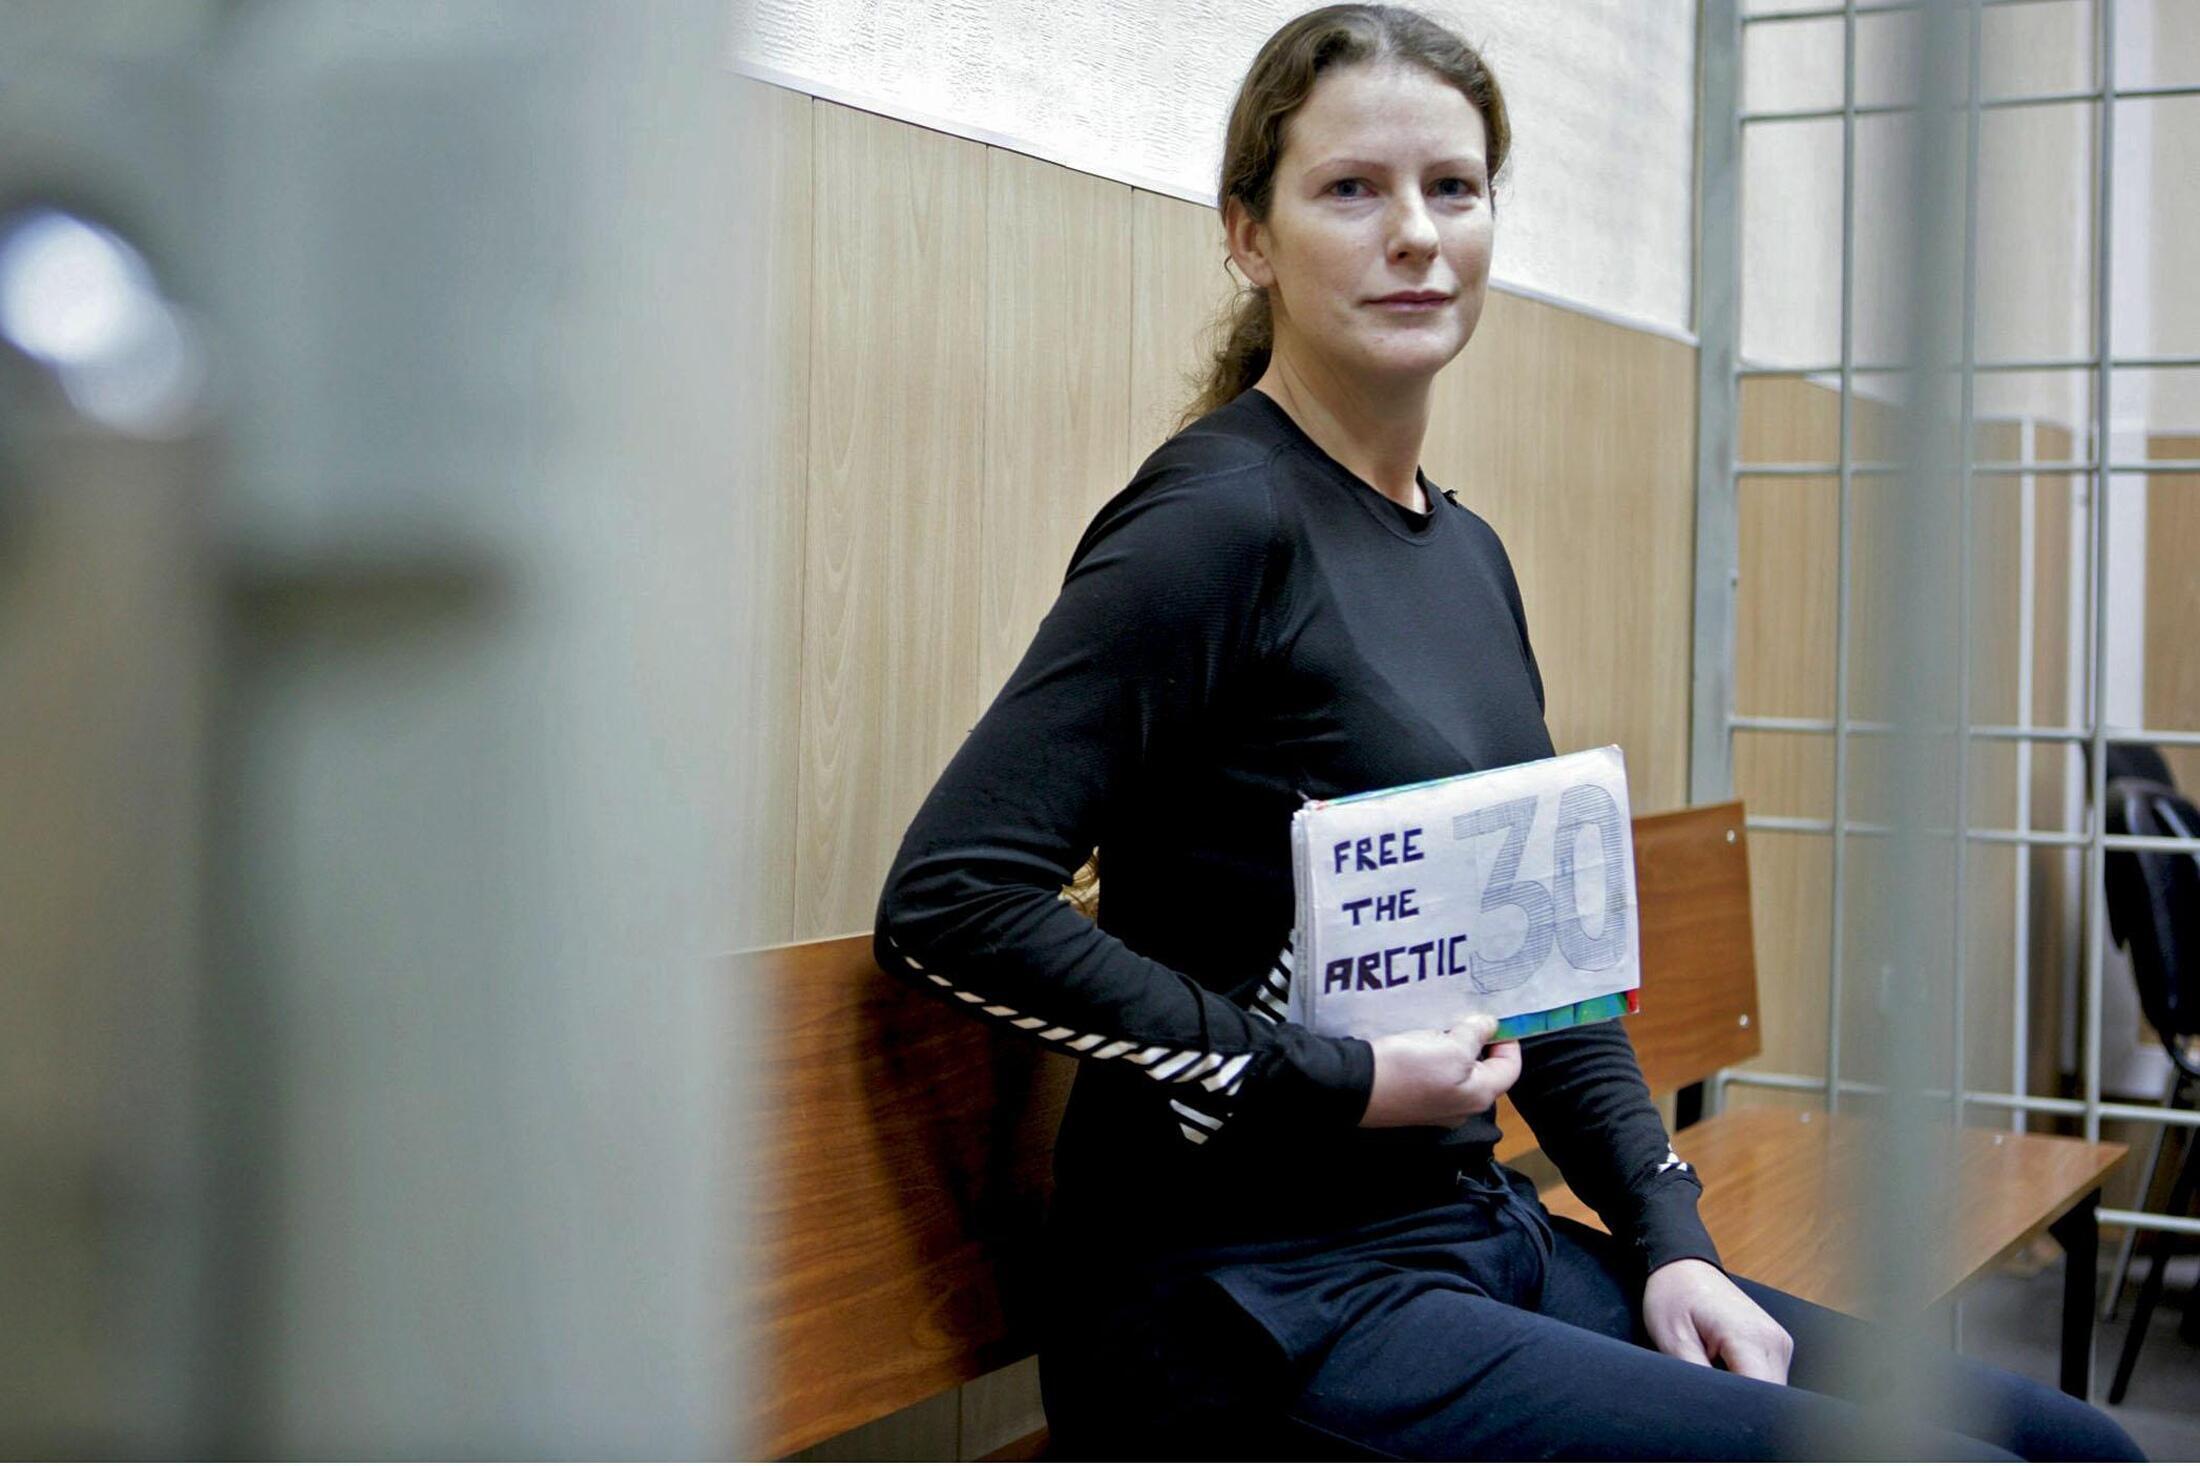 A brasileira ativista do Greenpeace, Ana Paula Alminhana Maciel, na corte de Murmansk, na Rússia, em foto de 24 de outubro de 2013.